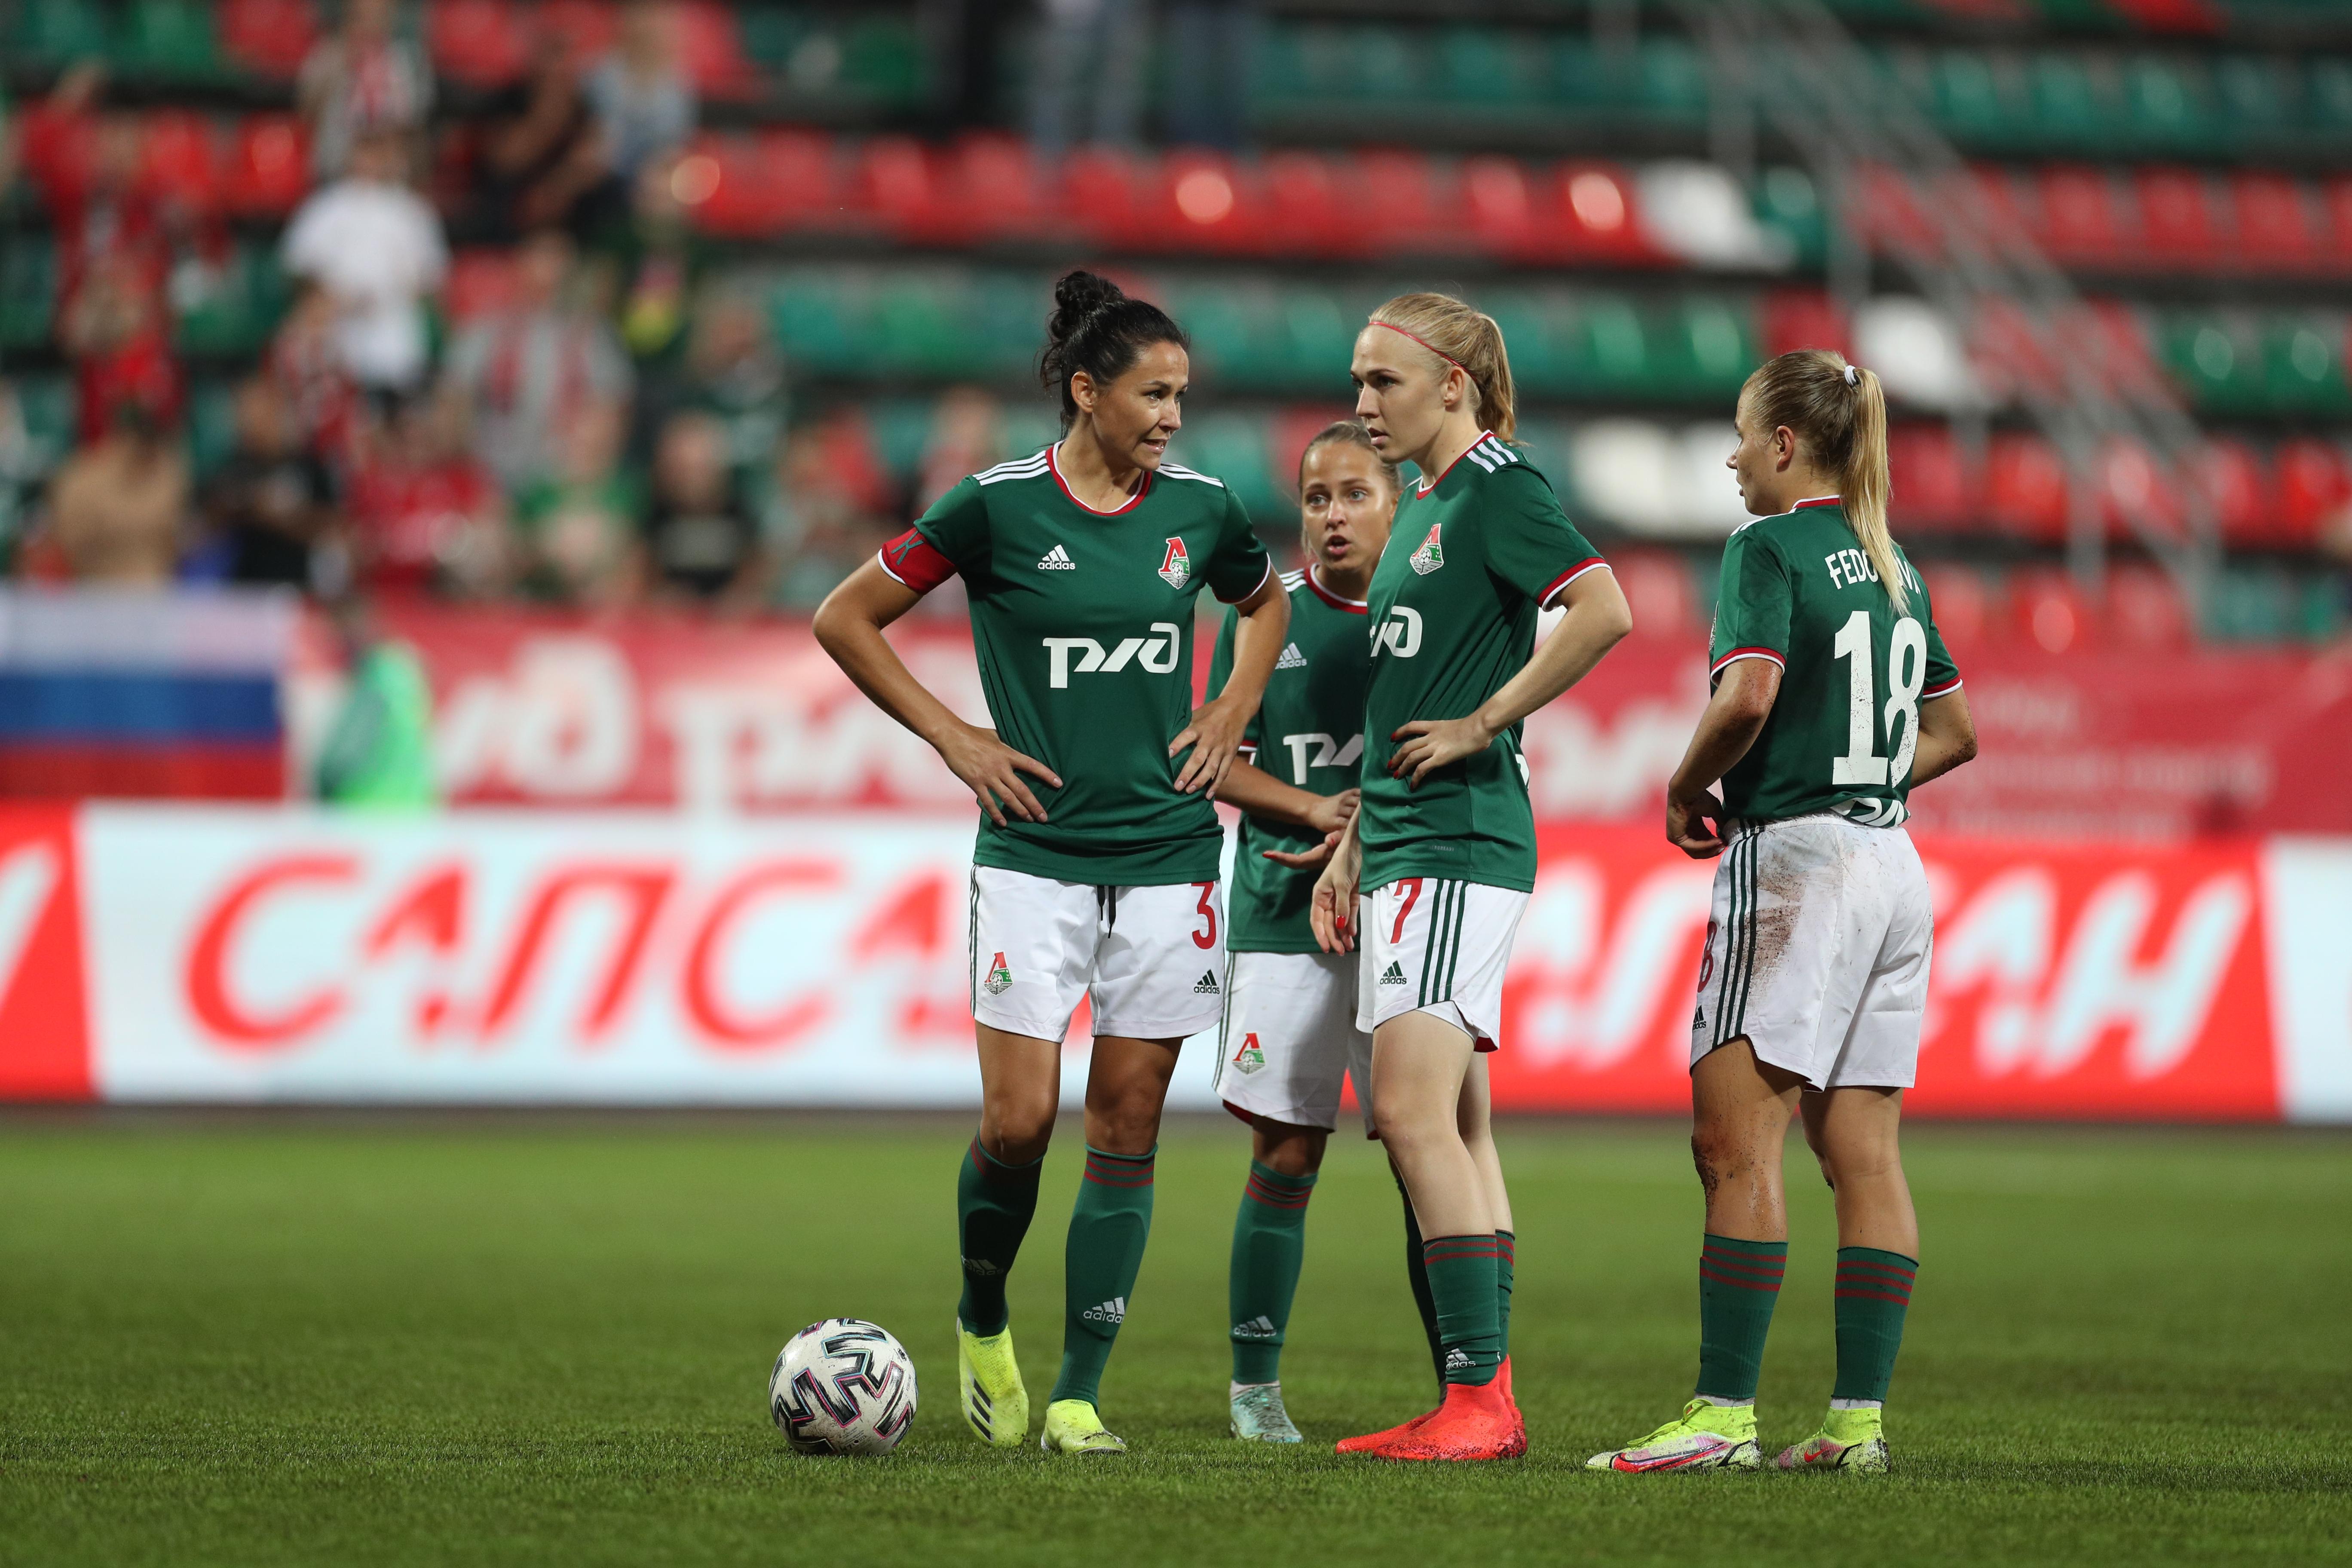 «Локомотив» проиграл дебютный матч в Лиге чемпионов. Но вылет из турнира нельзя считать провальным